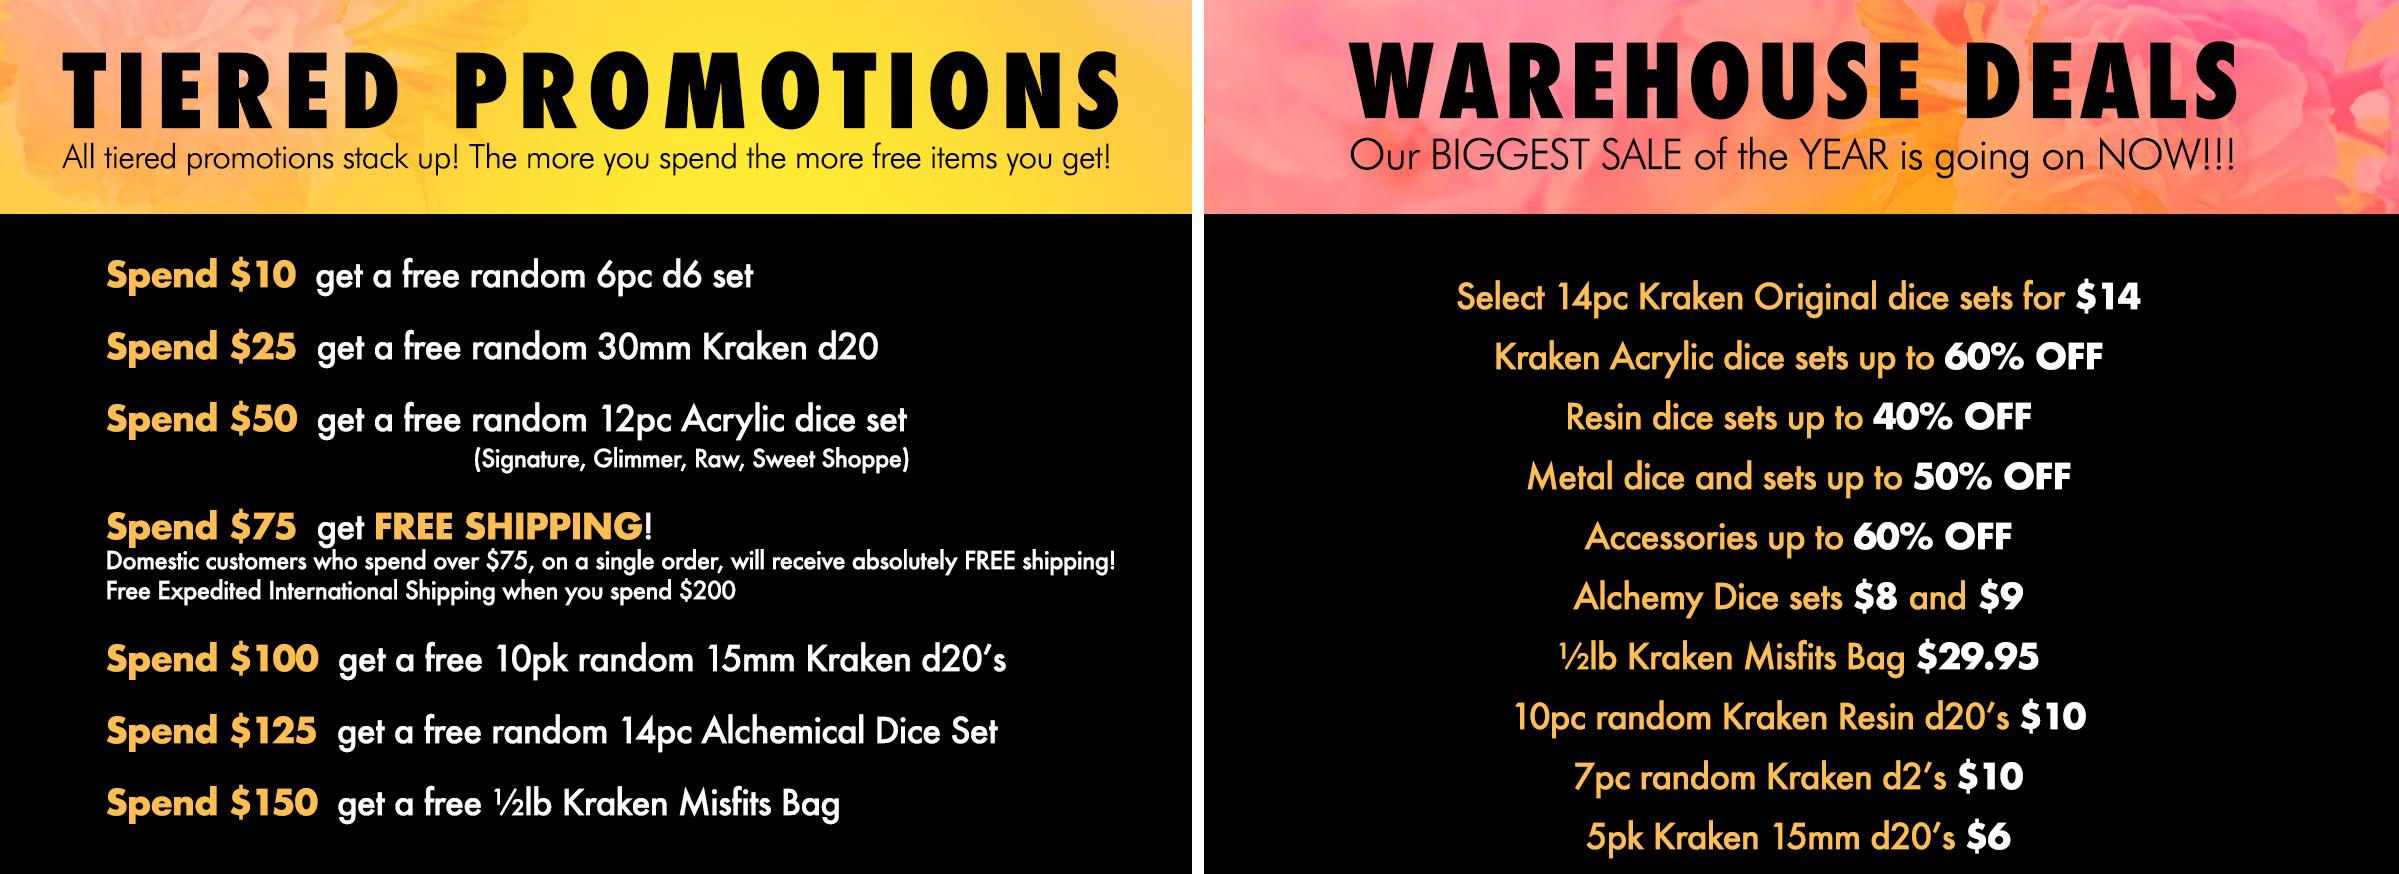 warehouse-deals.jpg